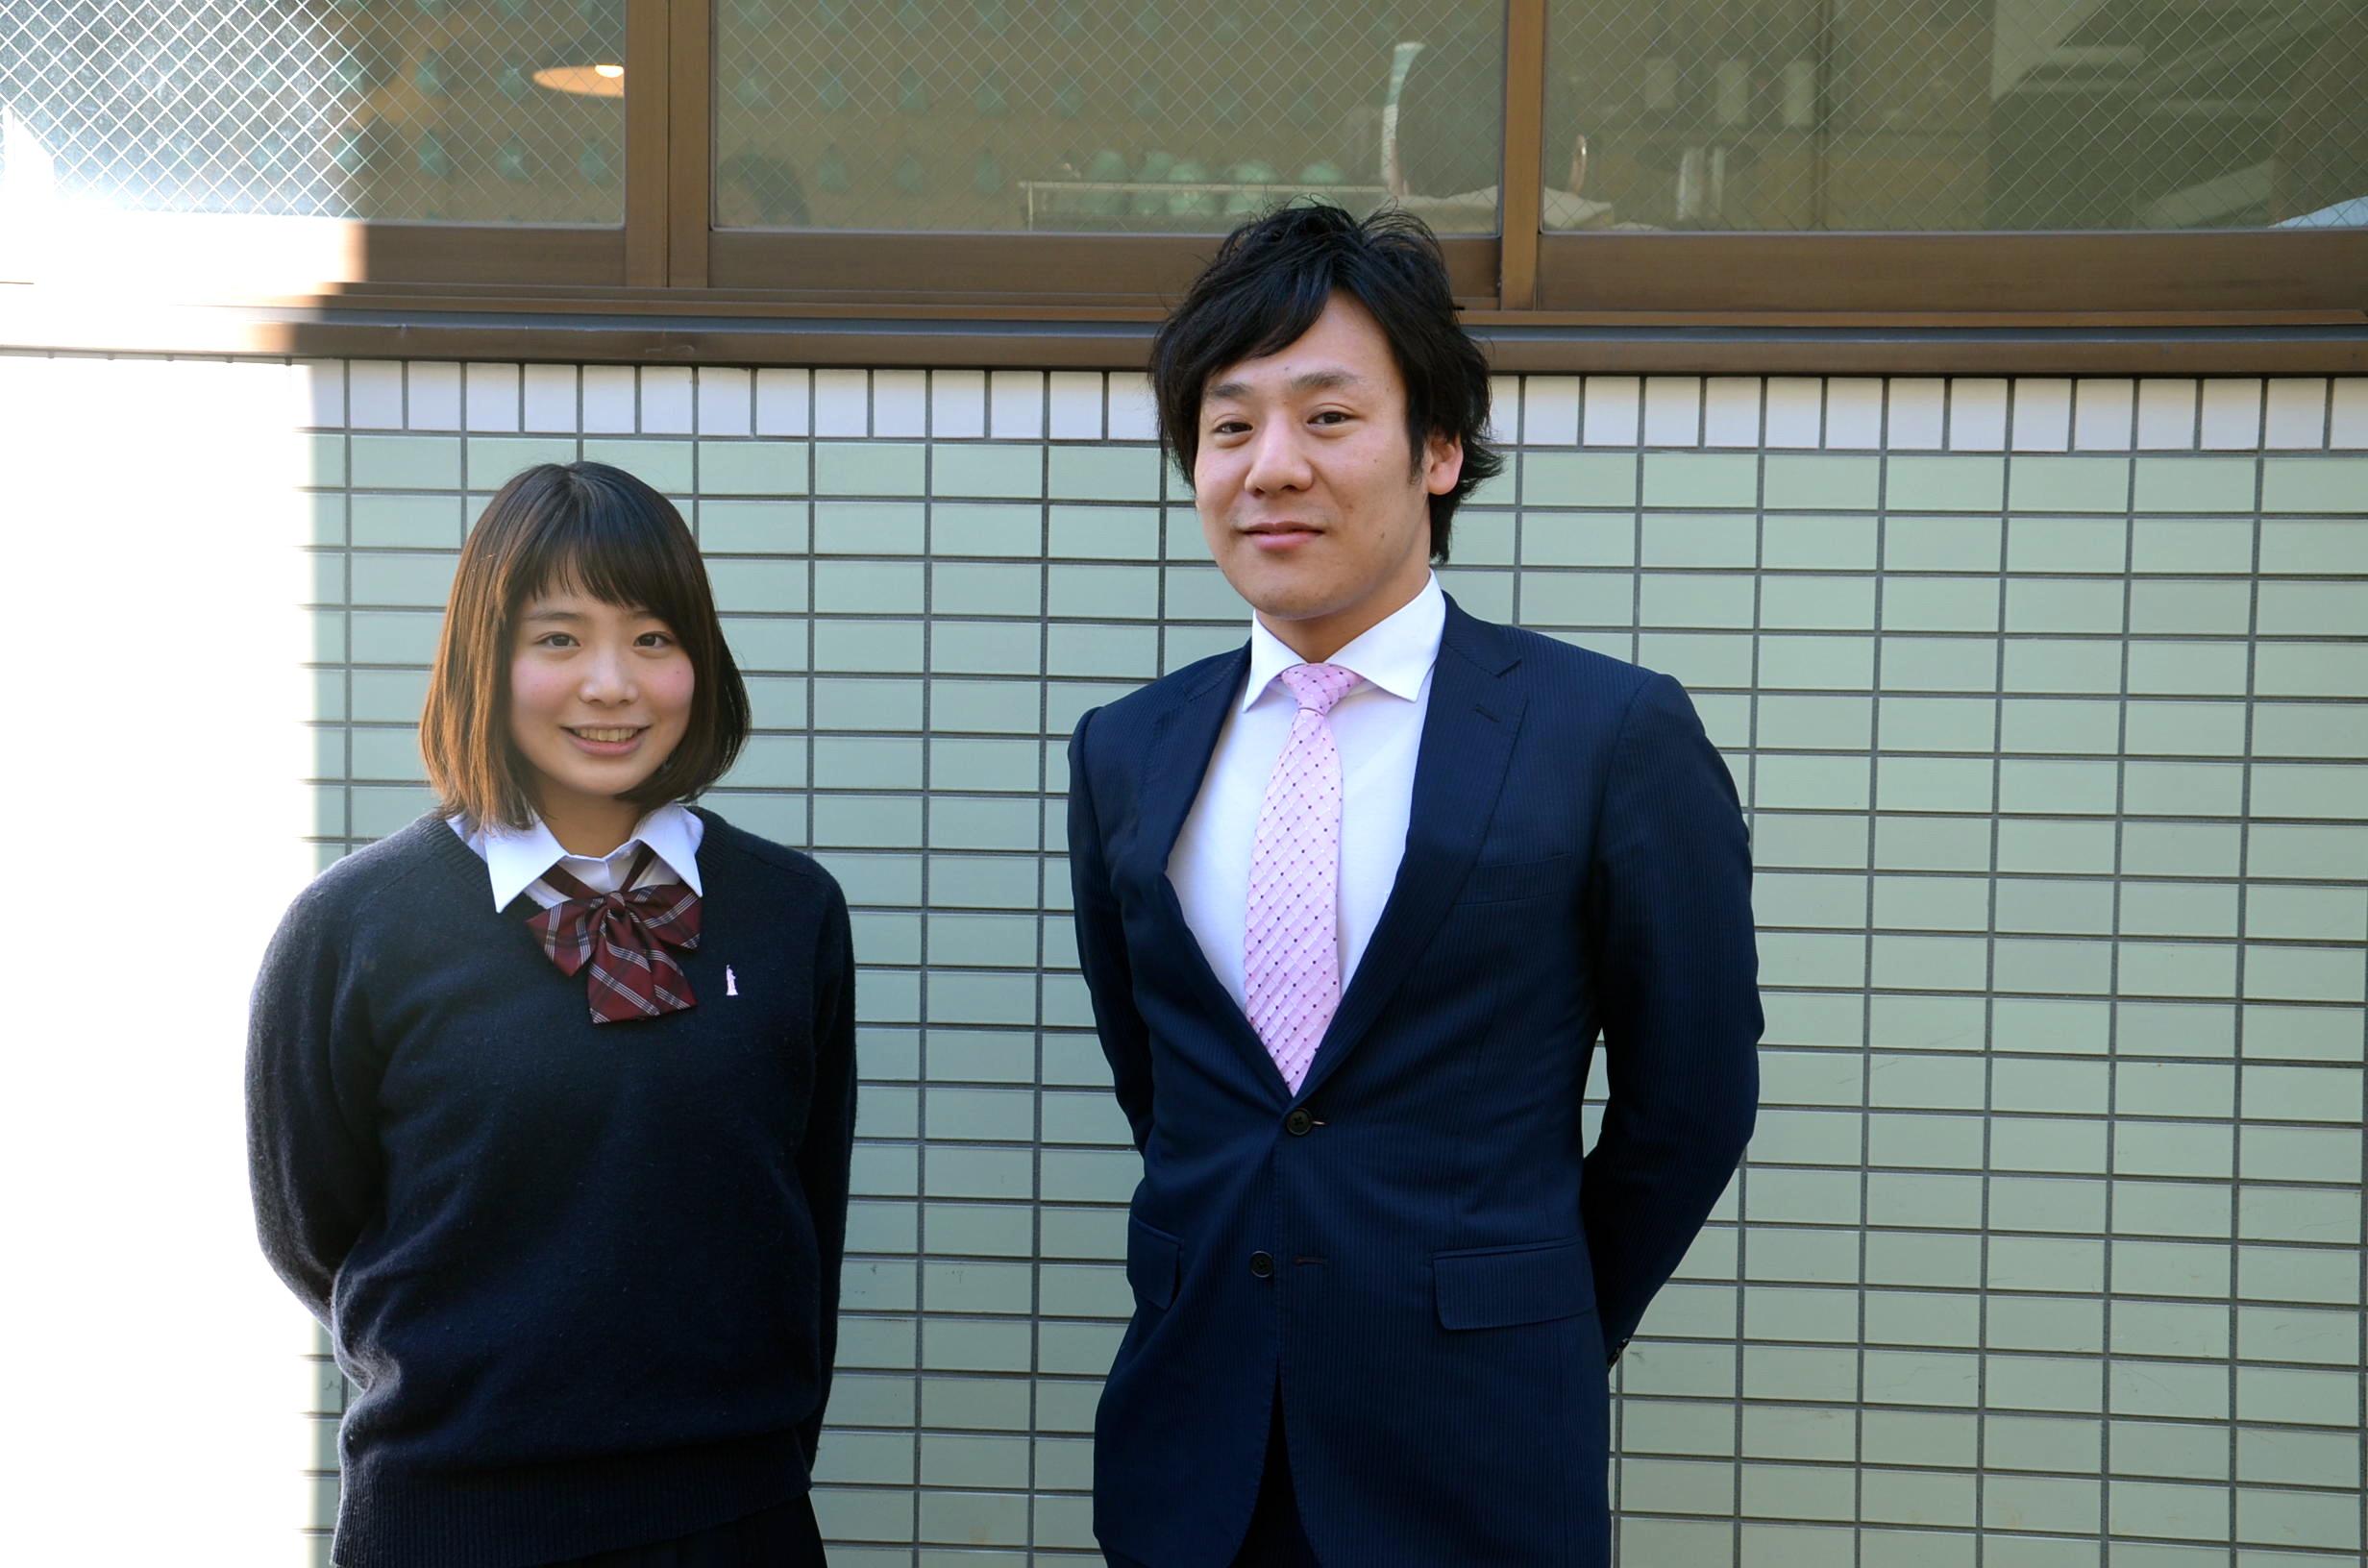 「ダメなら諦めてしまってもいい」フィンスイミング日本代表が語る、正しくチャレンジし続ける大切さ